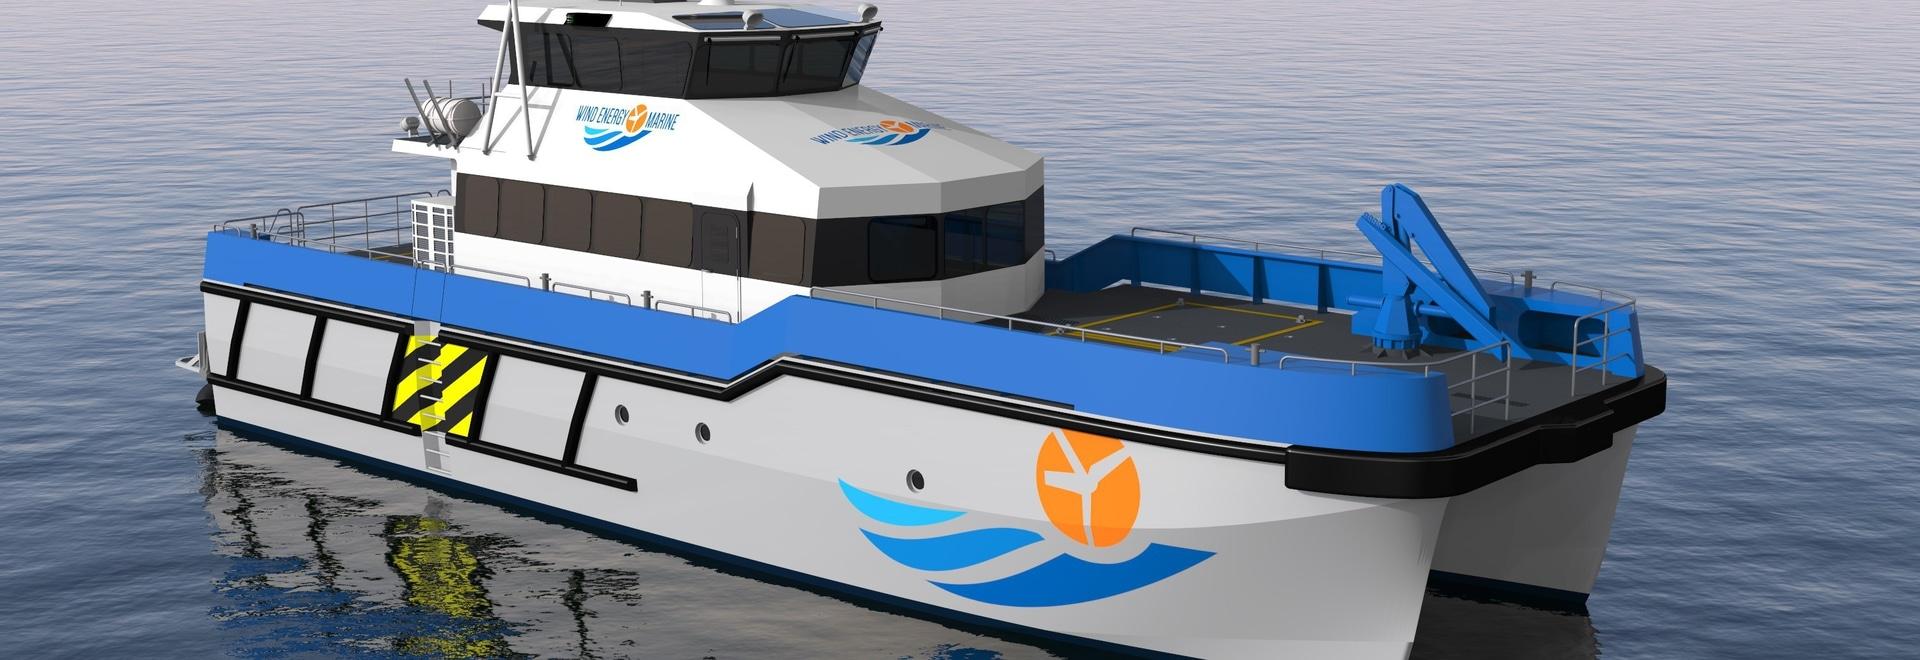 PIRIOU assicura un ordine per due navi-appoggio del parco eolico per il MARINAIO dell'ENERGIA EOLICA